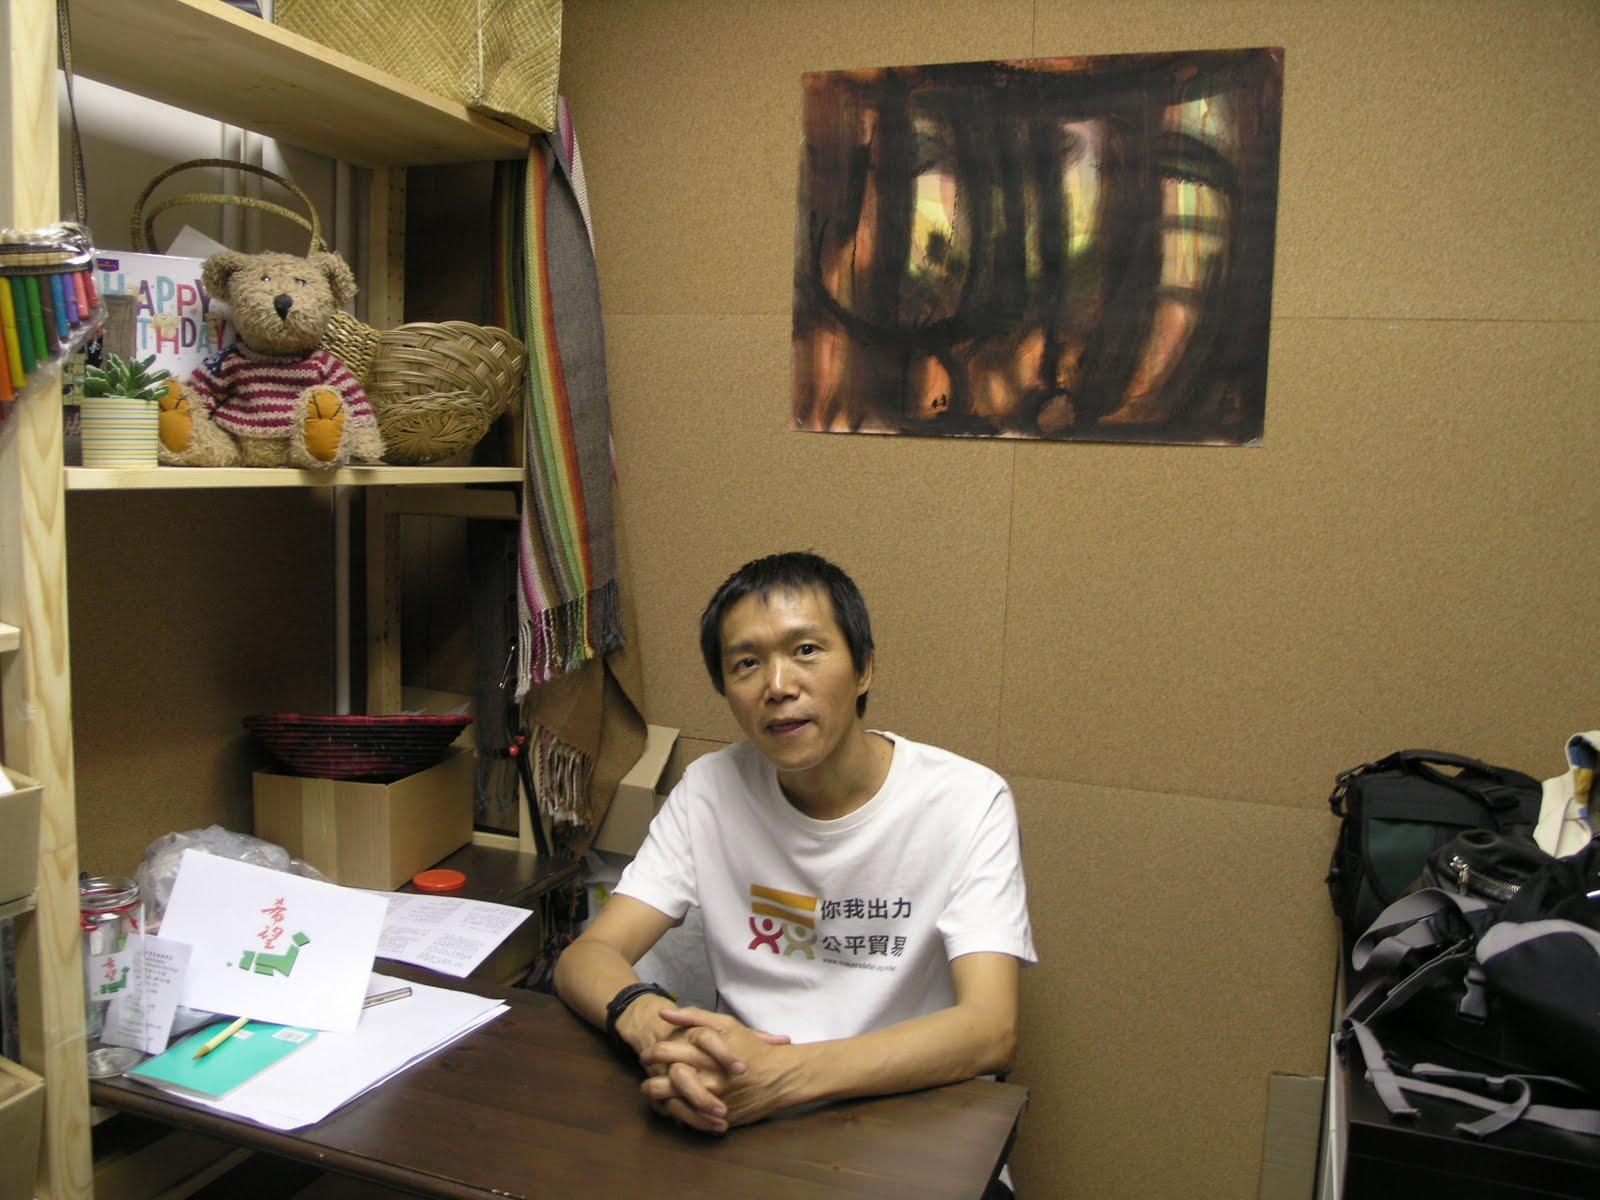 http://3.bp.blogspot.com/-HCuleU-wQUk/TljZkaOhA_I/AAAAAAAAA08/4ThrYbTGiII/s1600/P1010214.JPG